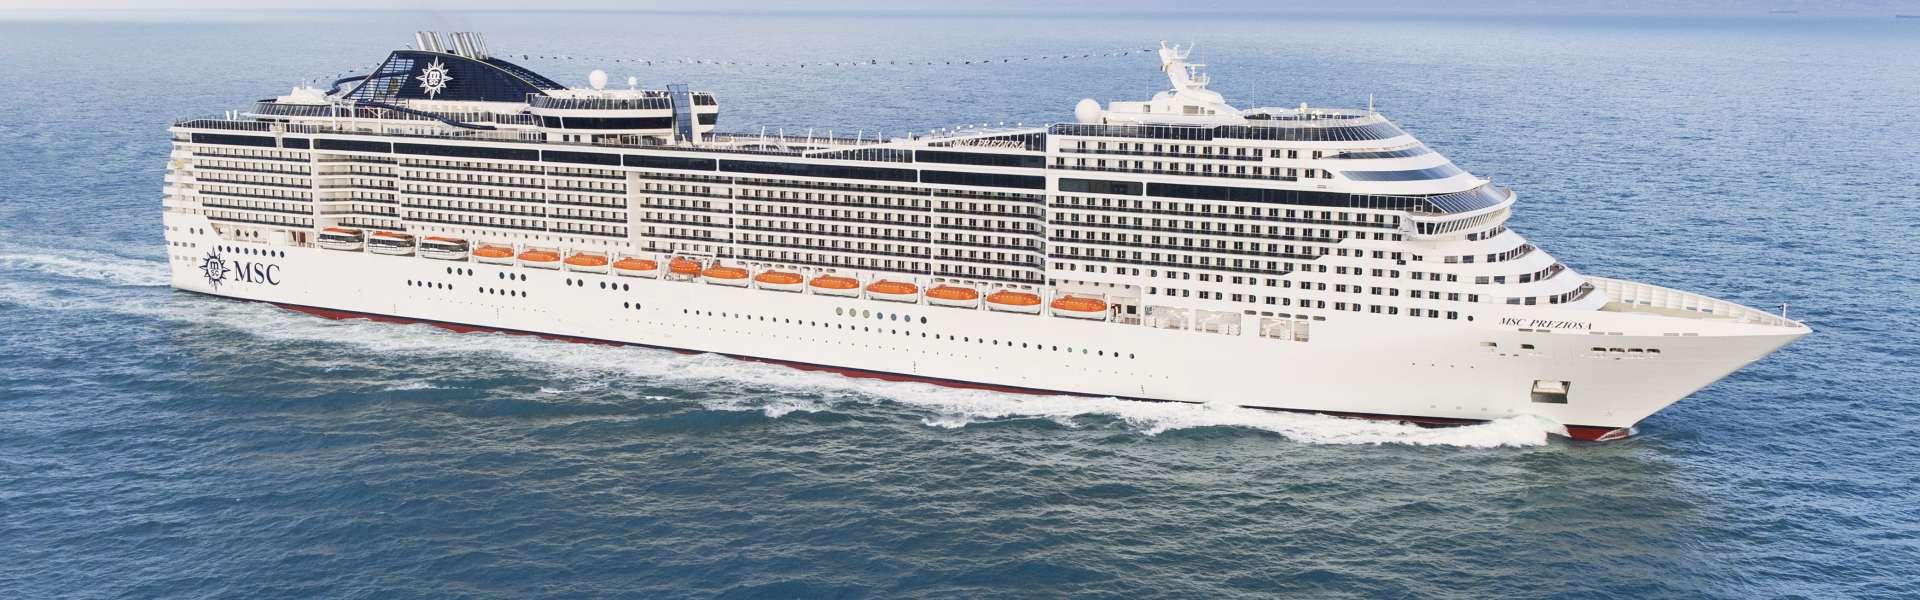 Croaziera de Grup Organizat cu Zbor Inclus 2019 - Coasta de Vest a Europei (Hamburg) - MSC Cruises - MSC Preziosa - 7 nopti